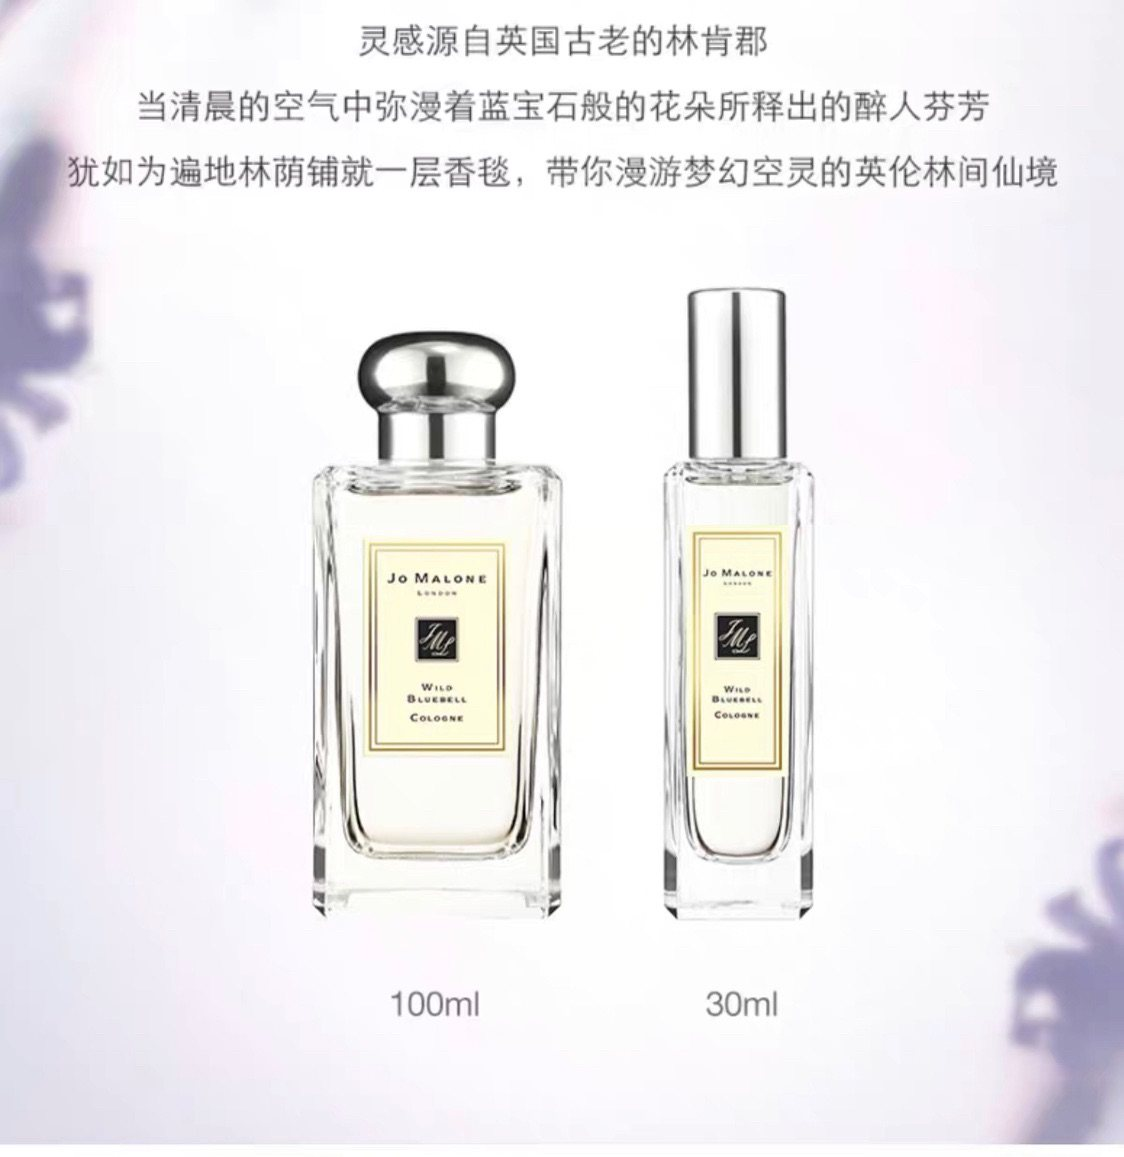 🍒🍒黑五运通卡购买清单 祖玛珑香水啊~  🍒祖玛珑香水